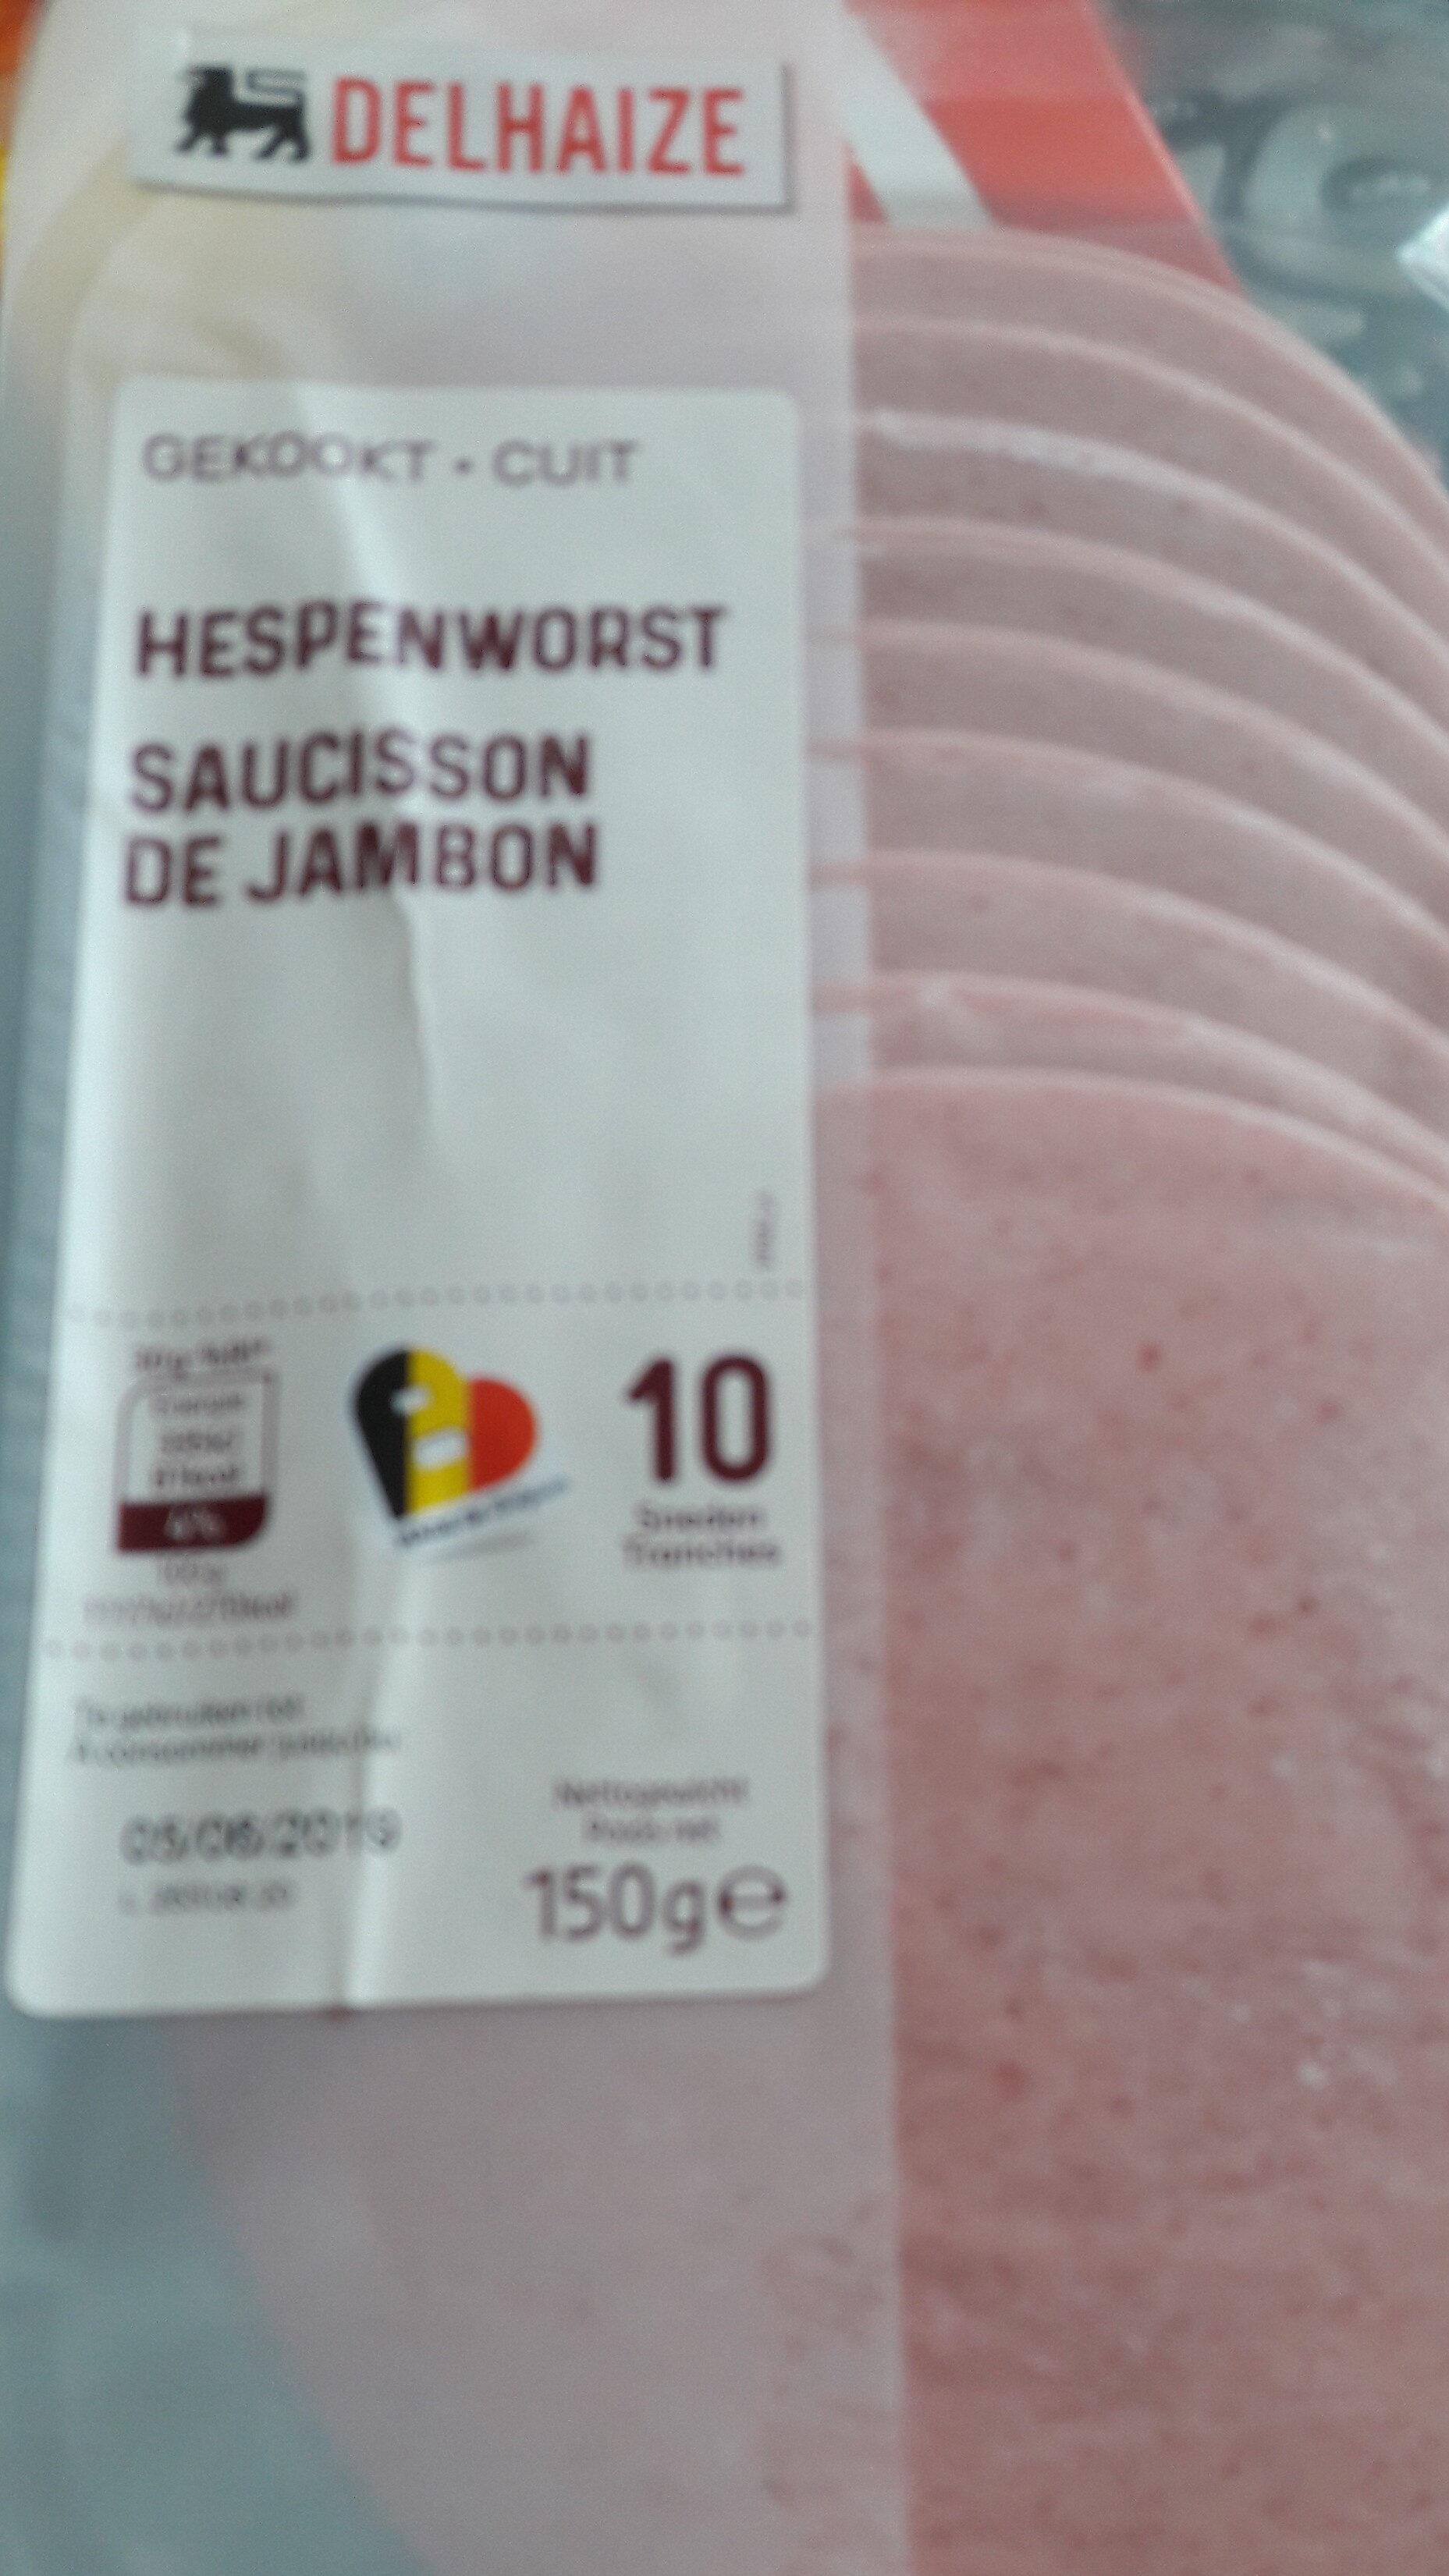 Saucisson de jambon - Produit - fr